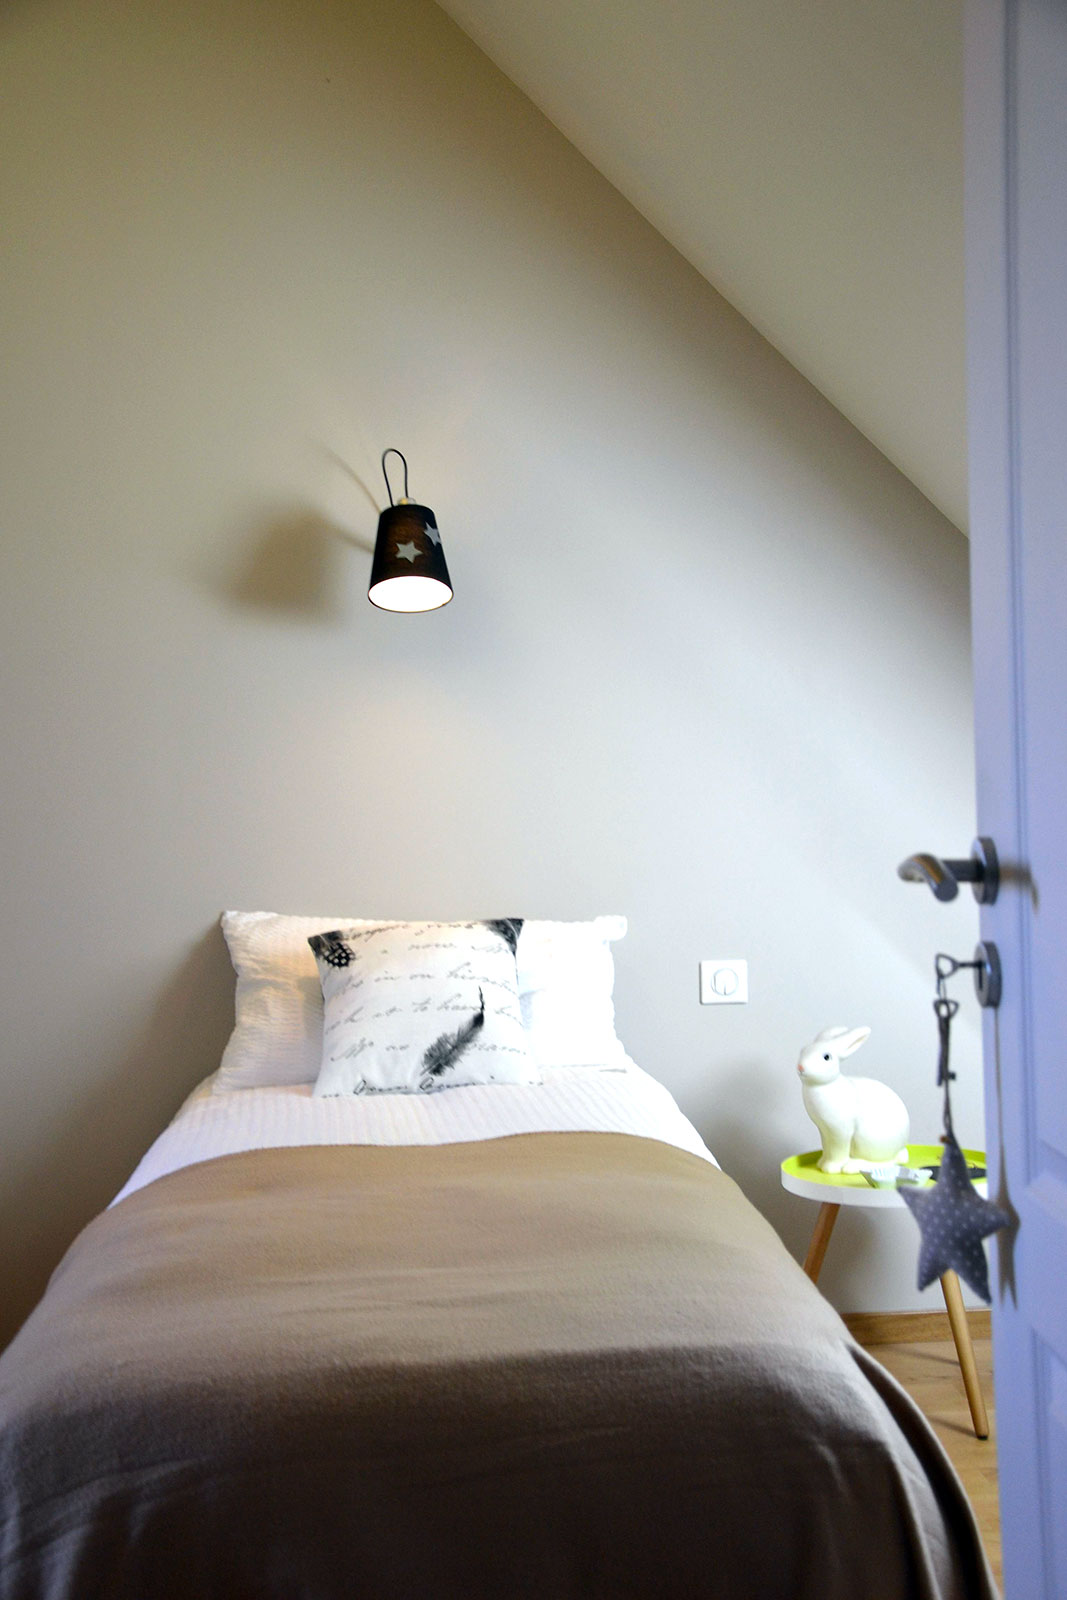 2 chambres d 39 hotes de charme saint jean de livet pr s de lisieux - Chambres d hotes lisieux ...